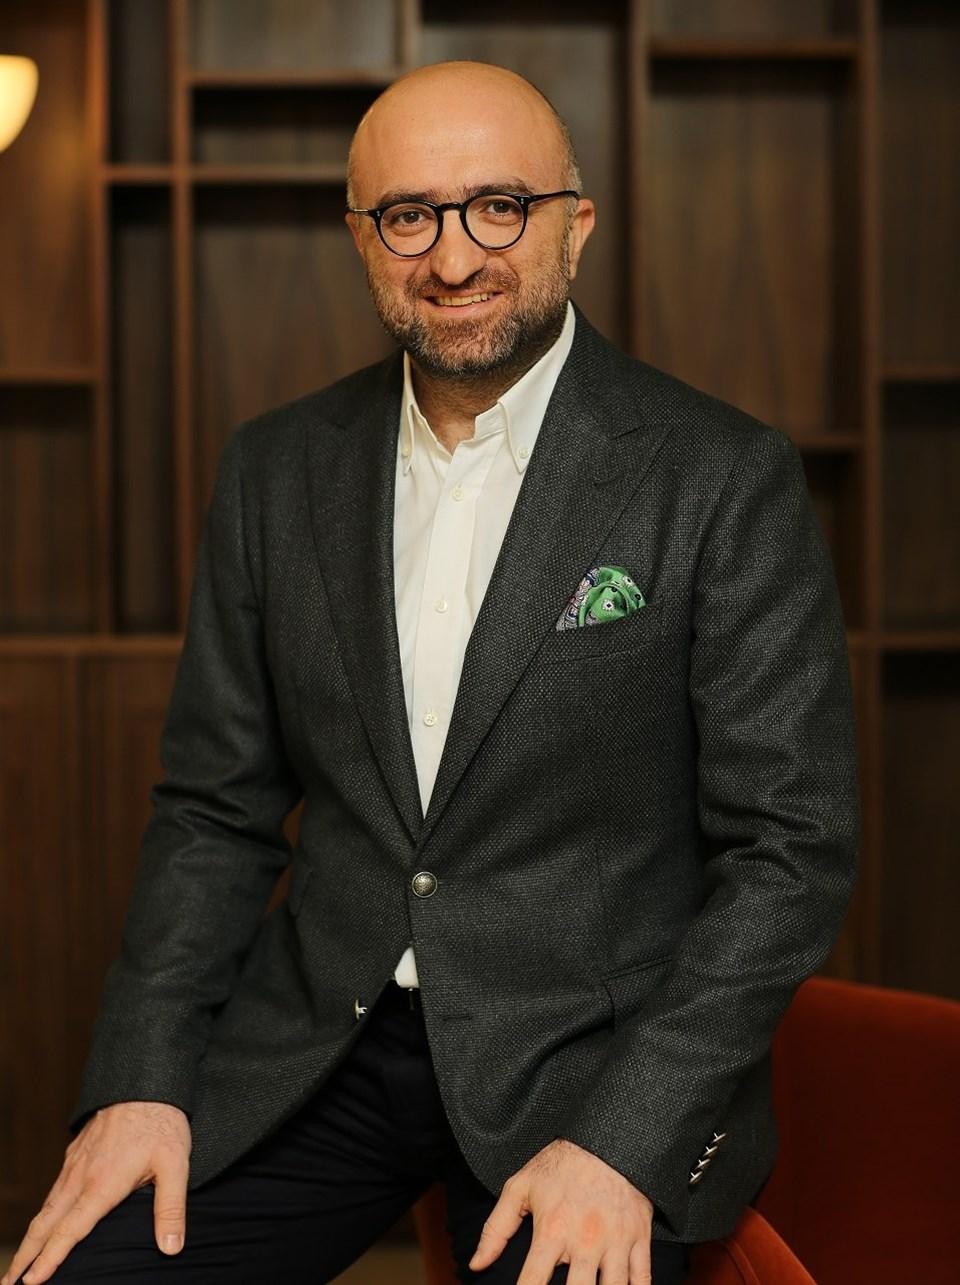 Zincir Mağazalar Derneği Yönetim Kurulu Başkanı Serhan Tınastepe